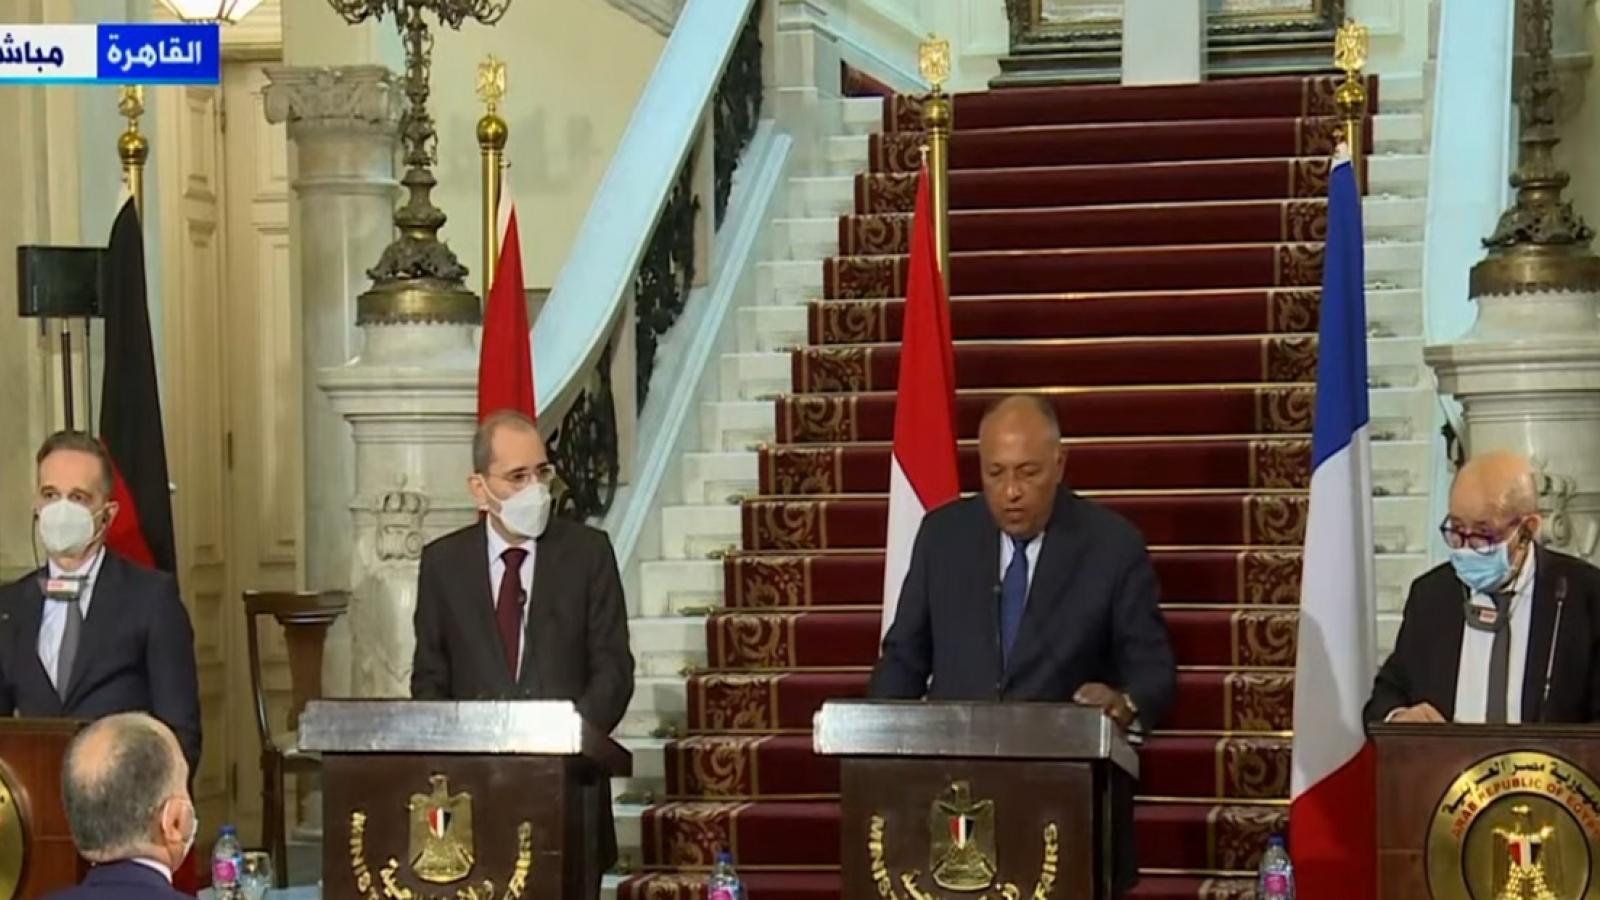 Hòa bình Trung Đông đón nhận tín hiệu tích cực